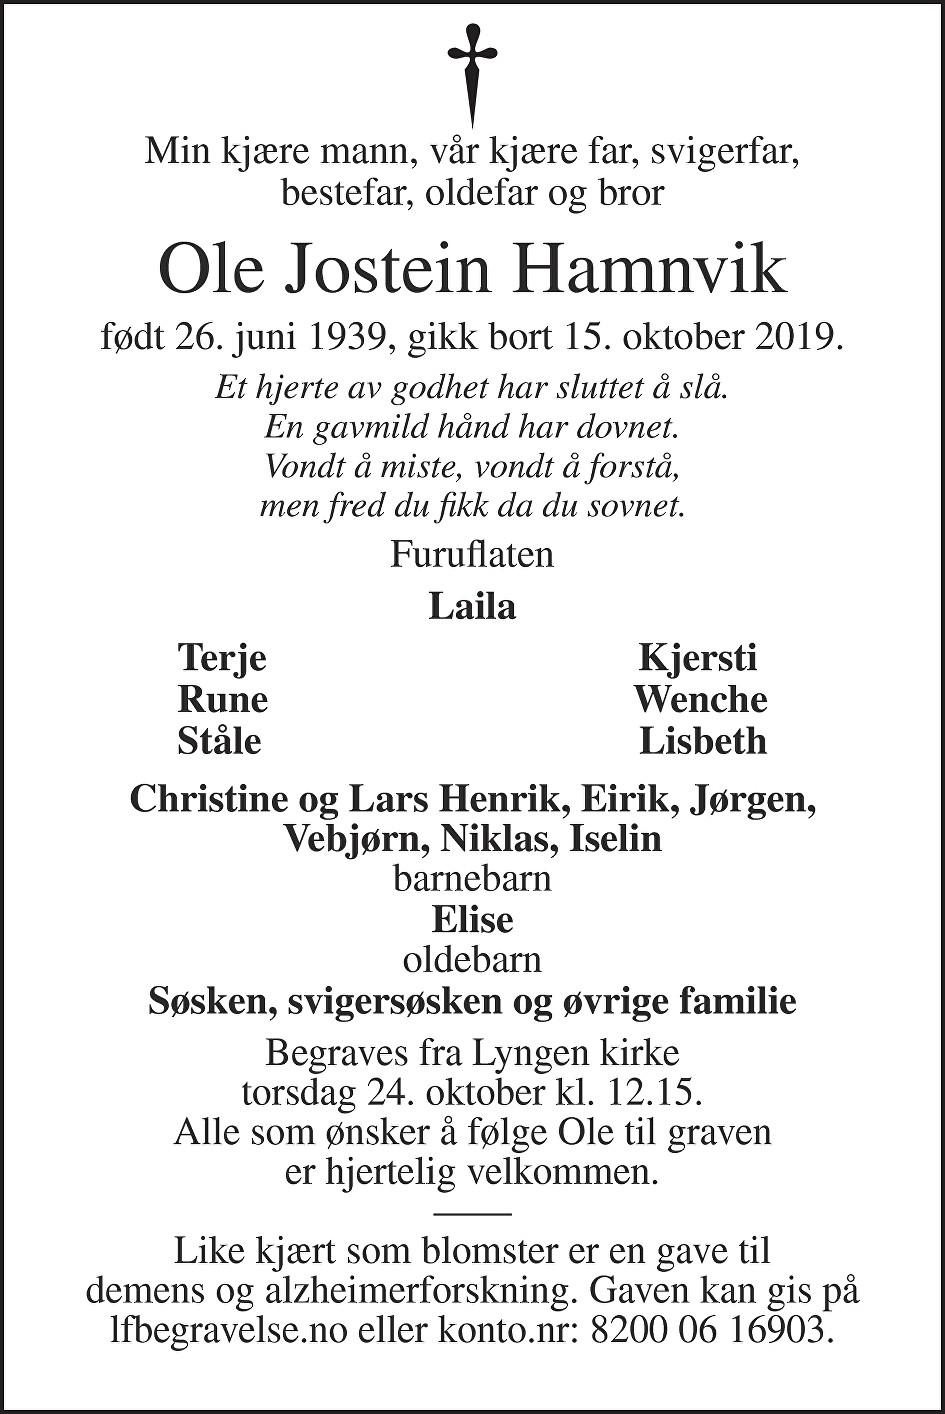 Ole Jostein Hamnvik Dødsannonse